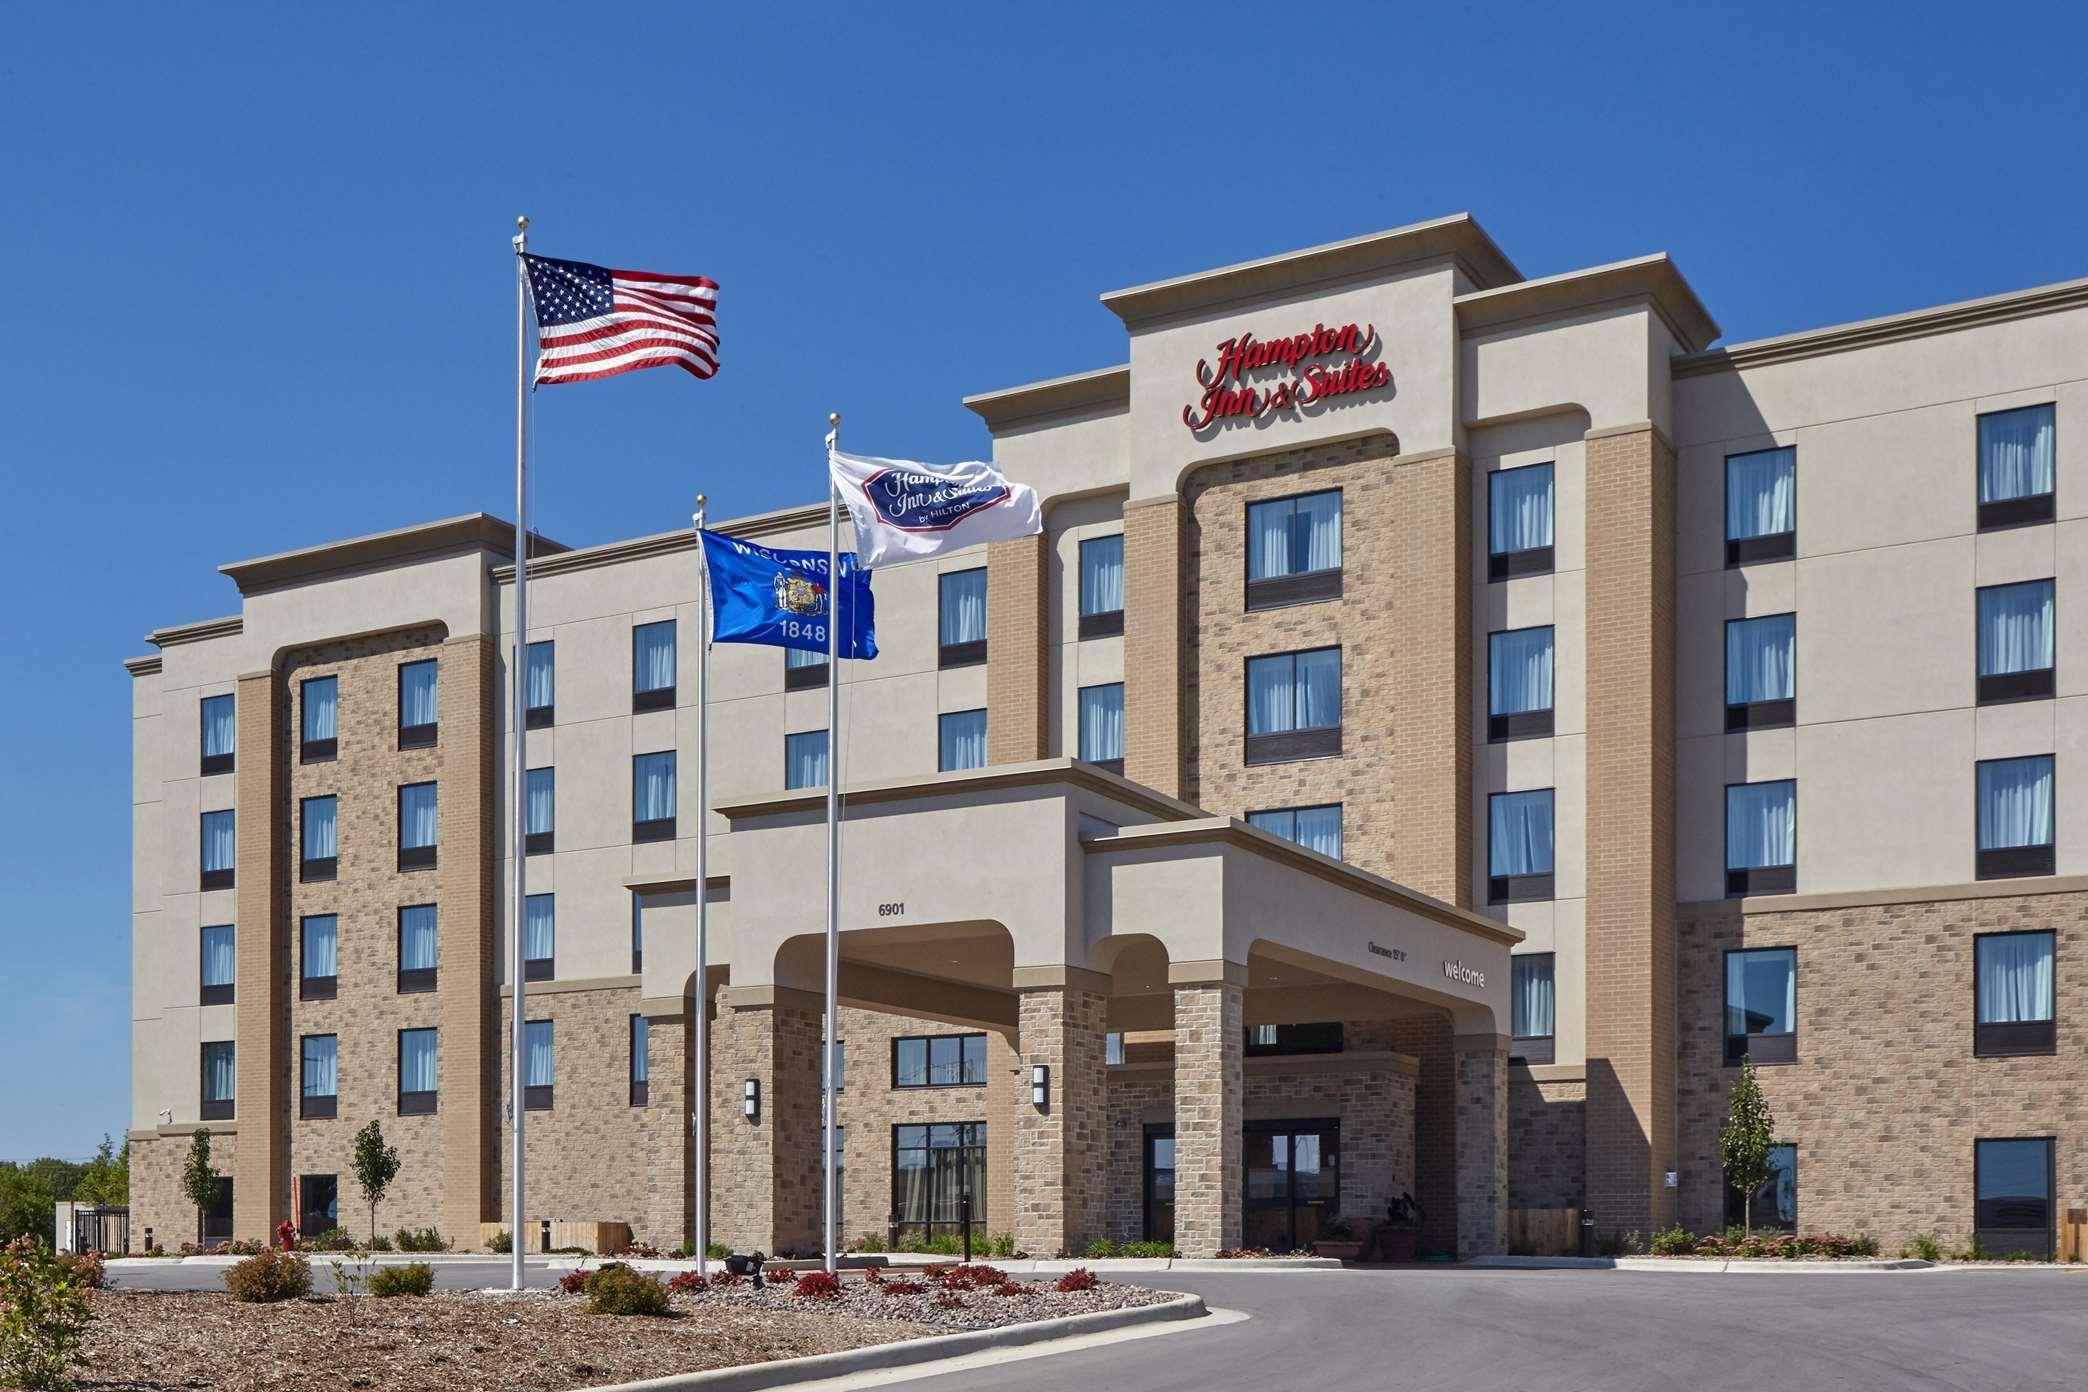 Hampton Inn & Suites Milwaukee/Franklin image 0